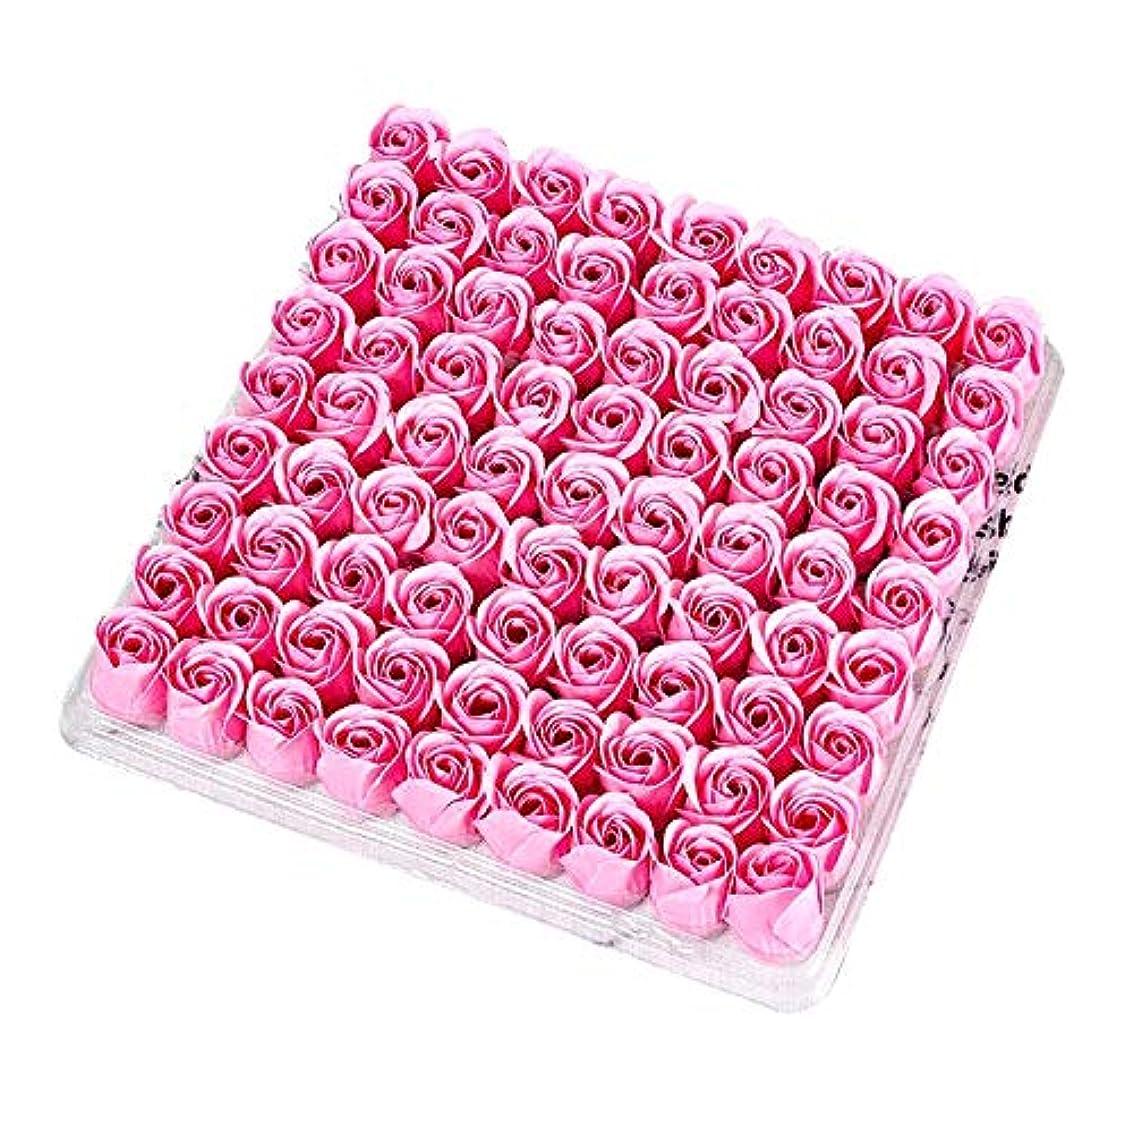 旅行瞑想的用心深いRETYLY 81個の薔薇、バス ボディ フラワー?フローラルの石けん 香りのよいローズフラワー エッセンシャルオイル フローラルのお客様への石鹸 ウェディング、パーティー、バレンタインデーの贈り物、ピンク